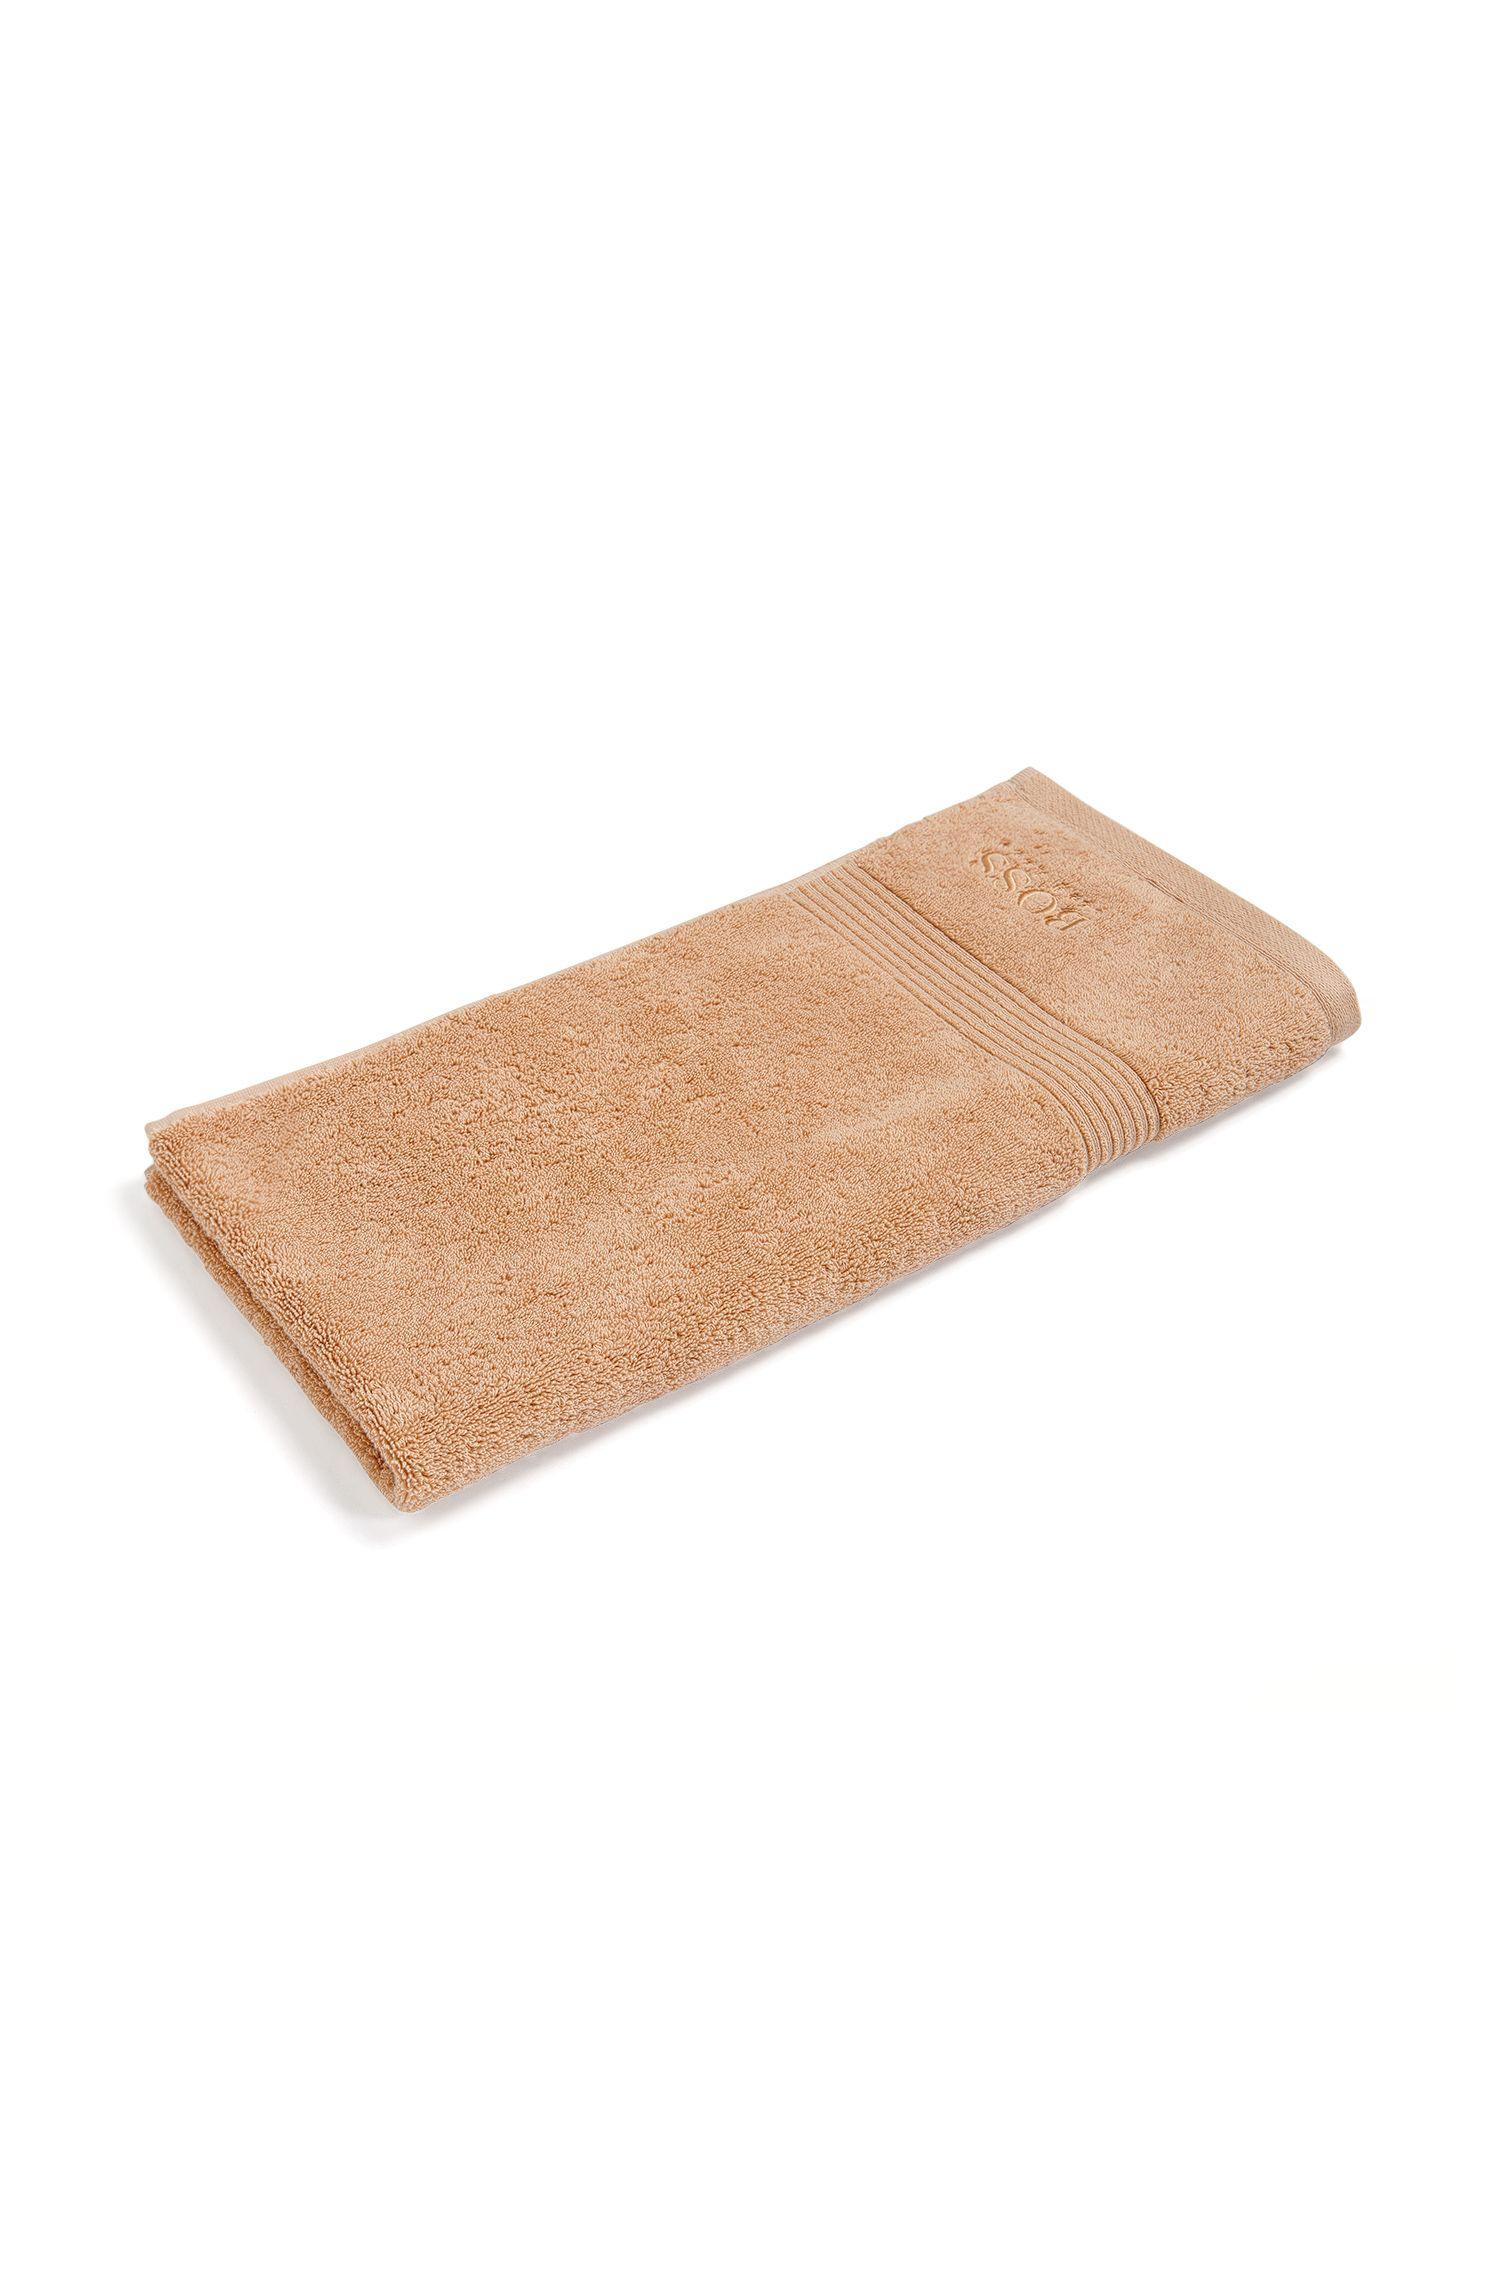 Toalla de mano 'Loft Serviette toile', rizo de algodón